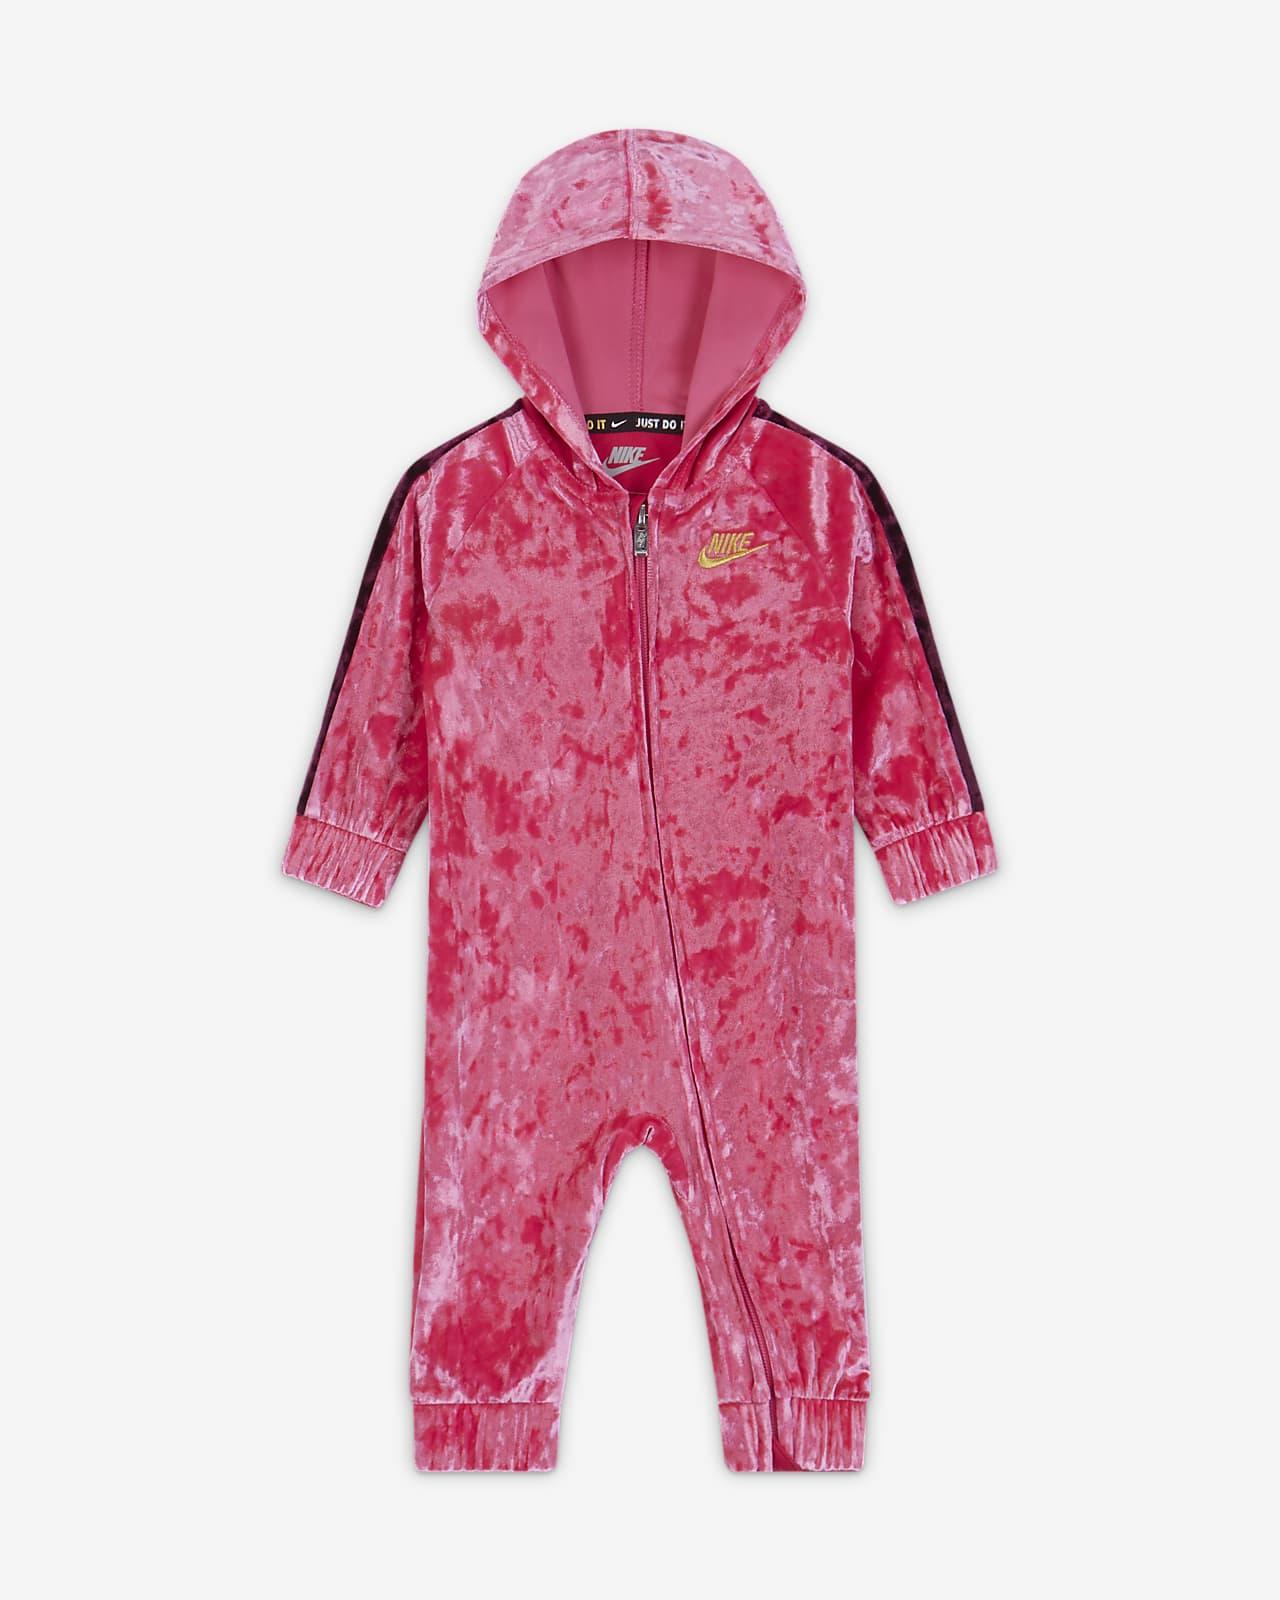 Nike-heldragt med lynlås til babyer (0-9 mdr.)